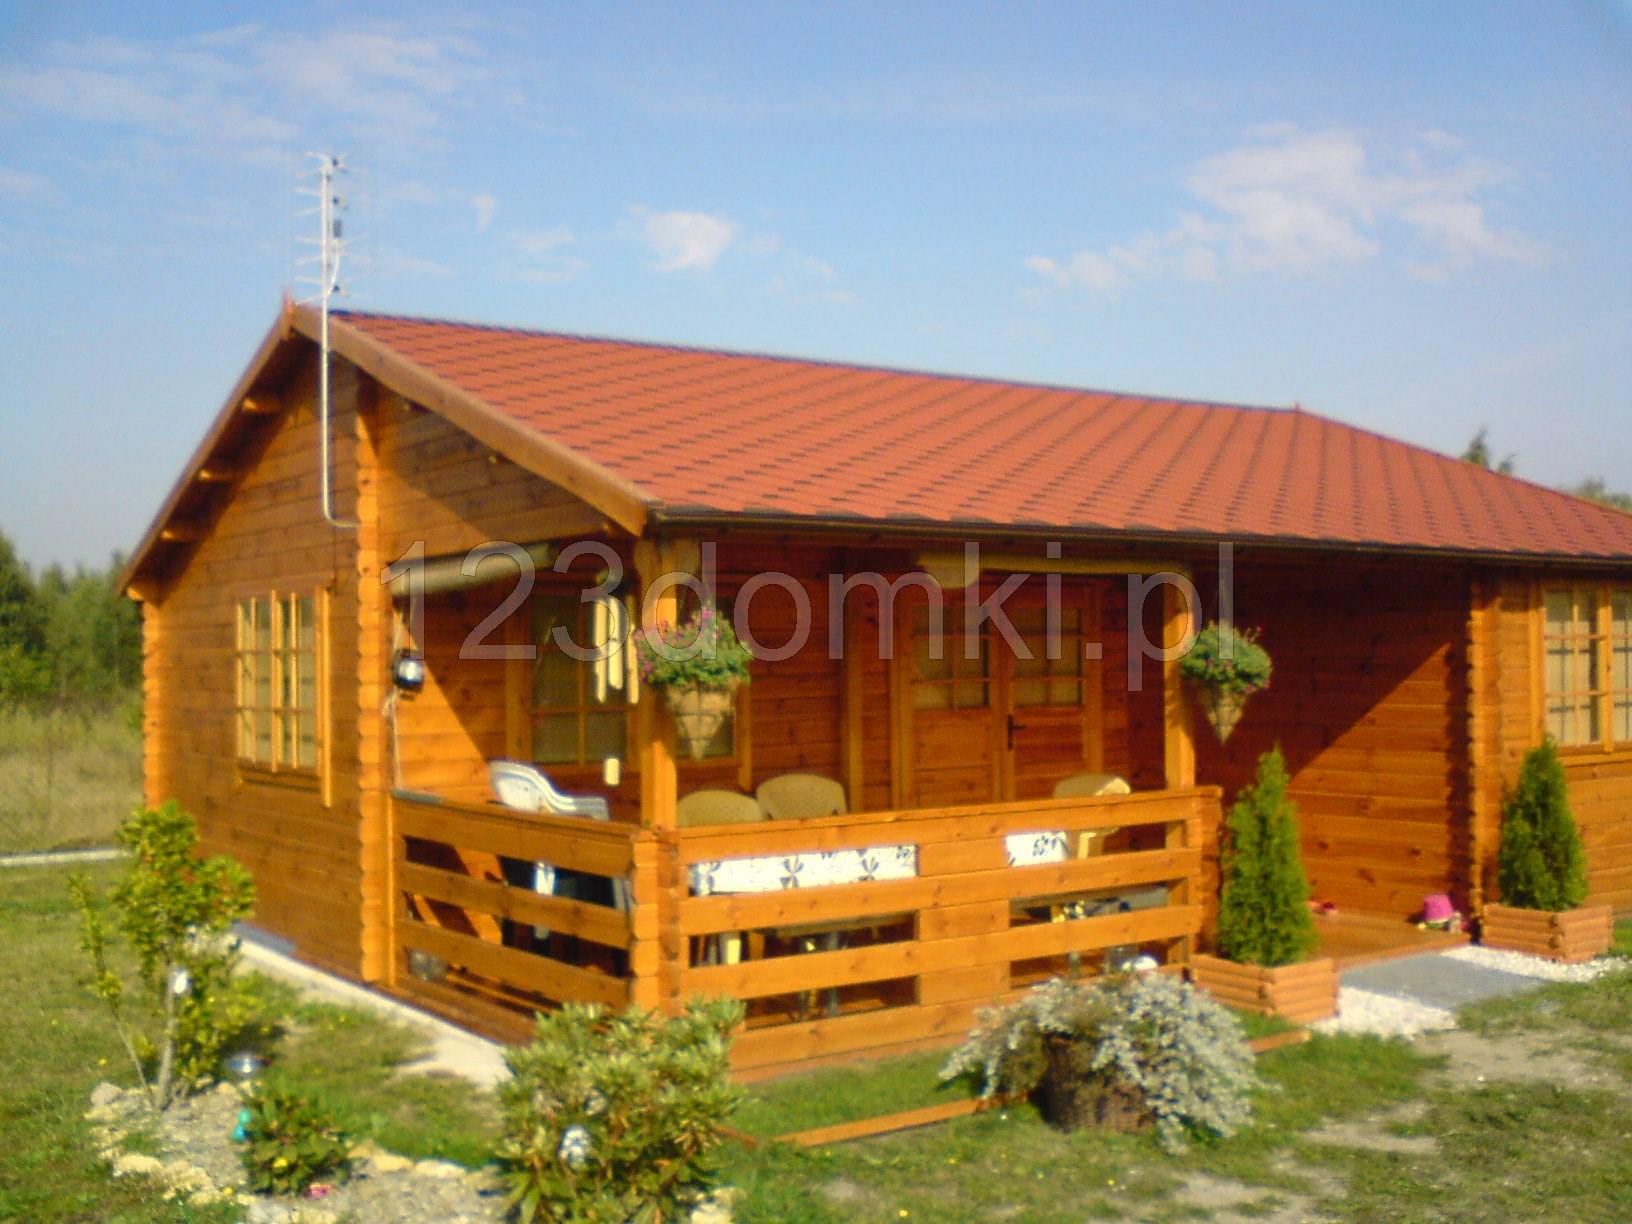 Całoroczny drewniany domek letniskowy  - Producent